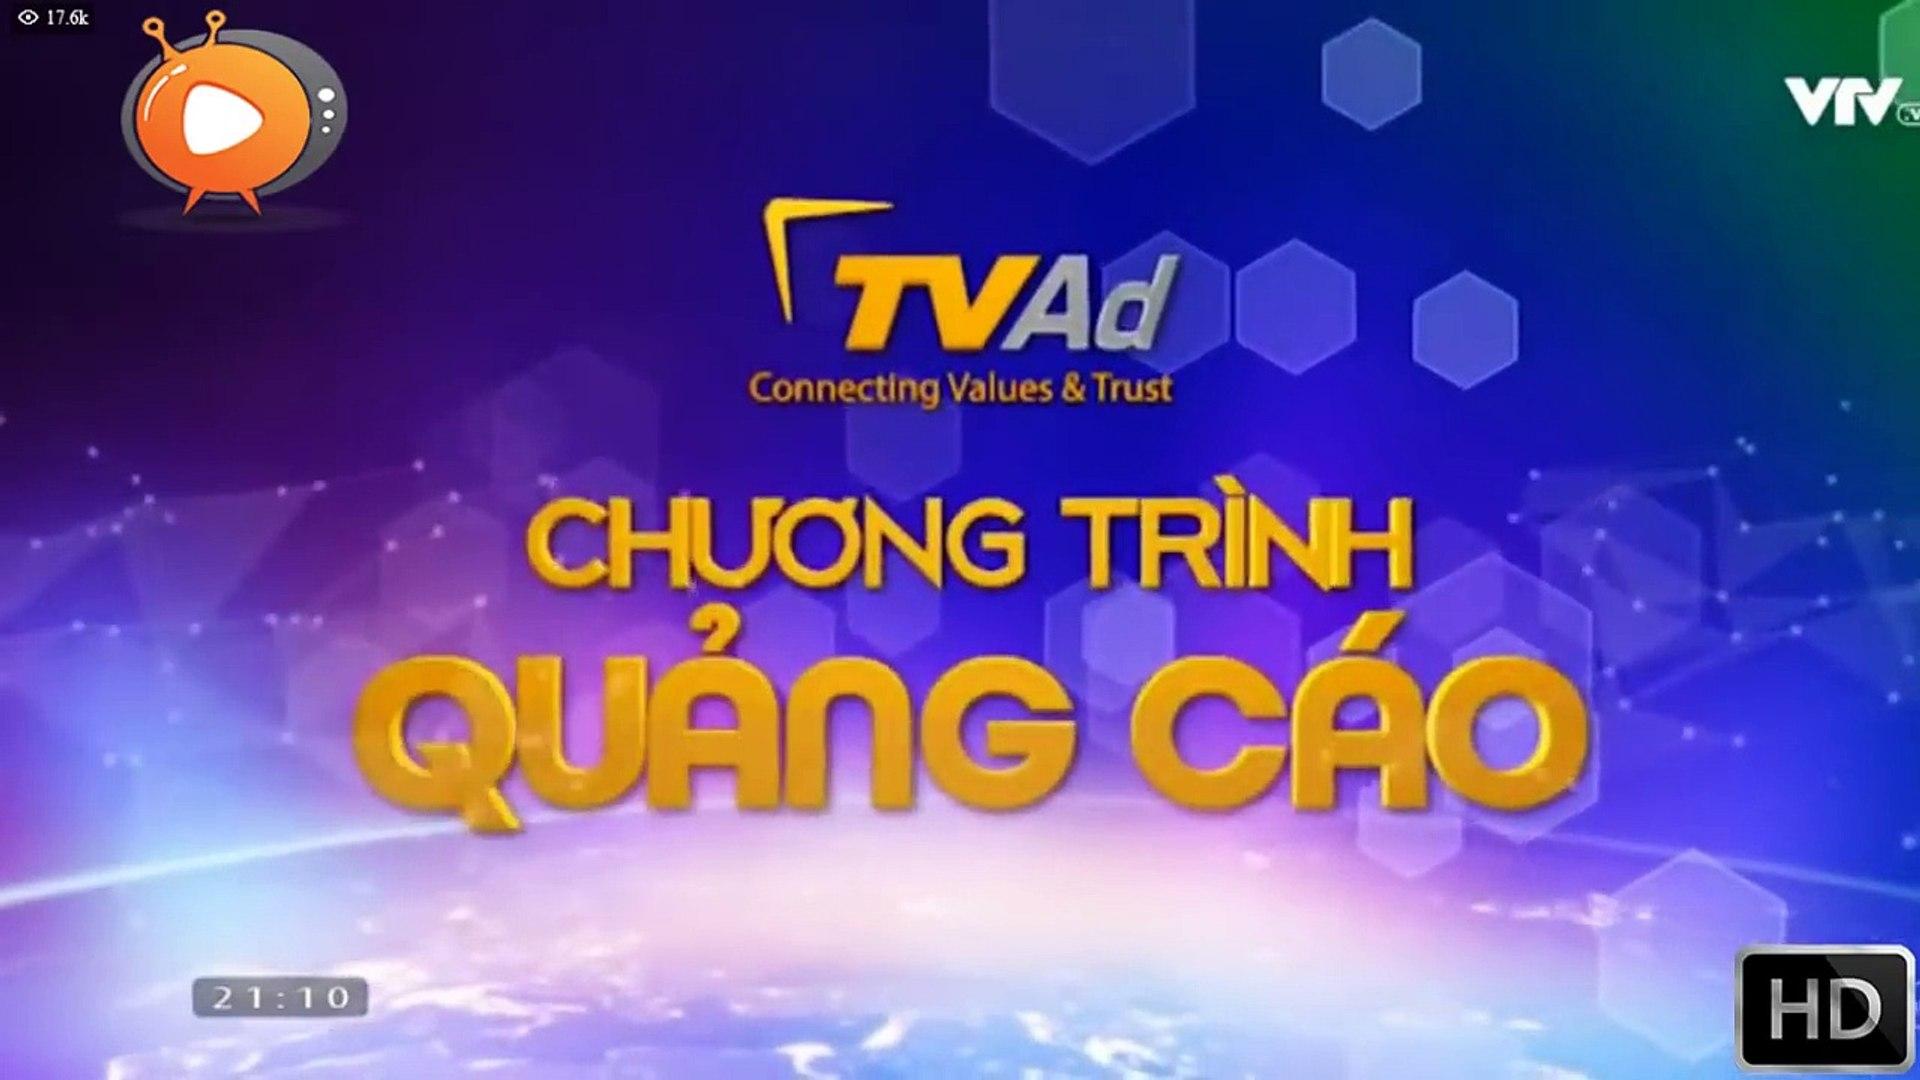 [TRỰC TIẾP] Quỳnh Búp Bê Tập 6 (Bản Đẹp) – Phương Oanh, Thanh Hương, Thu Quỳnh